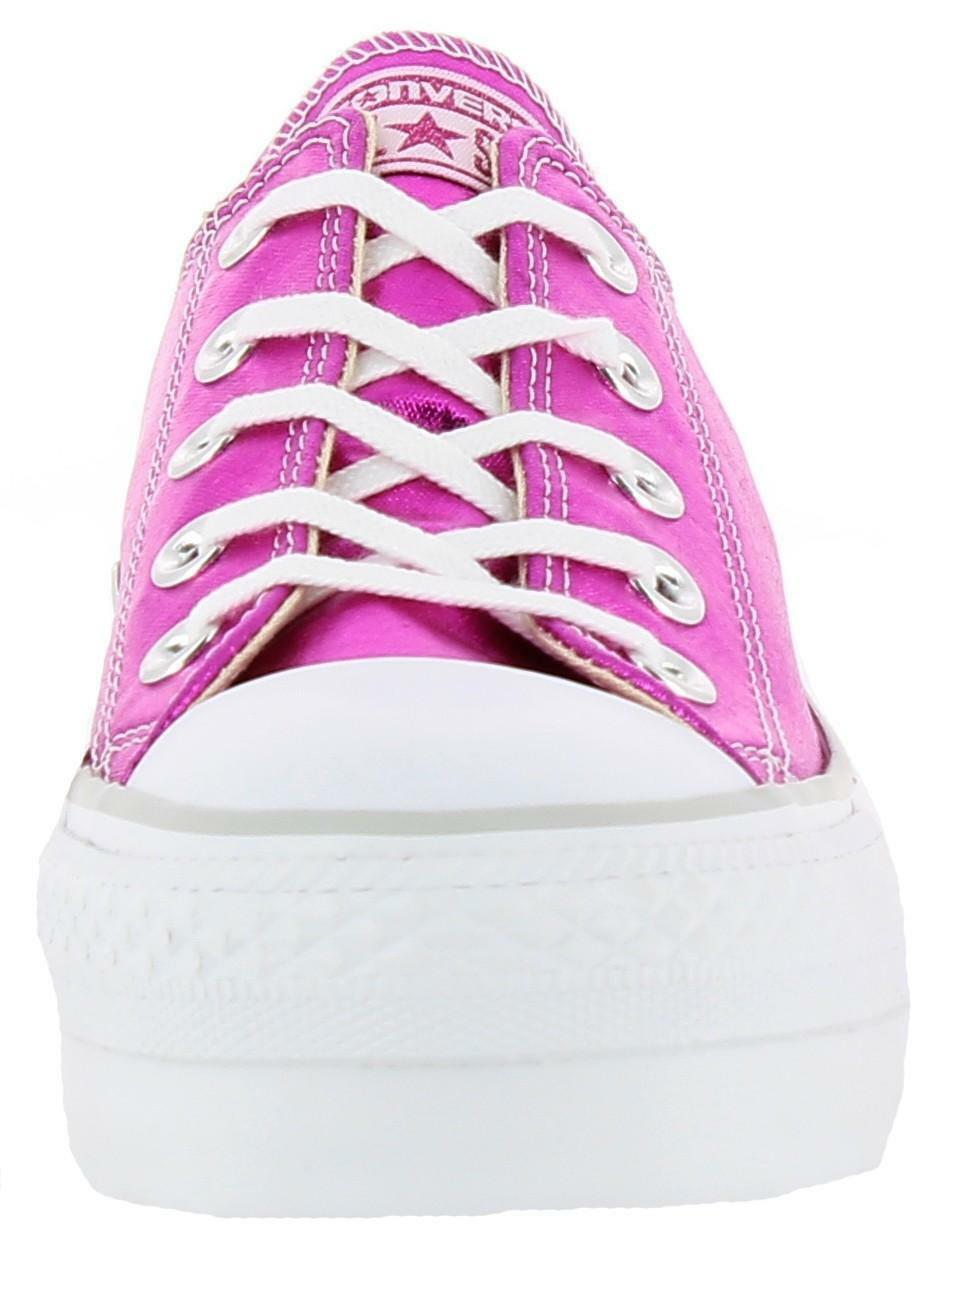 converse converse platform scarpe donna basse fuxia